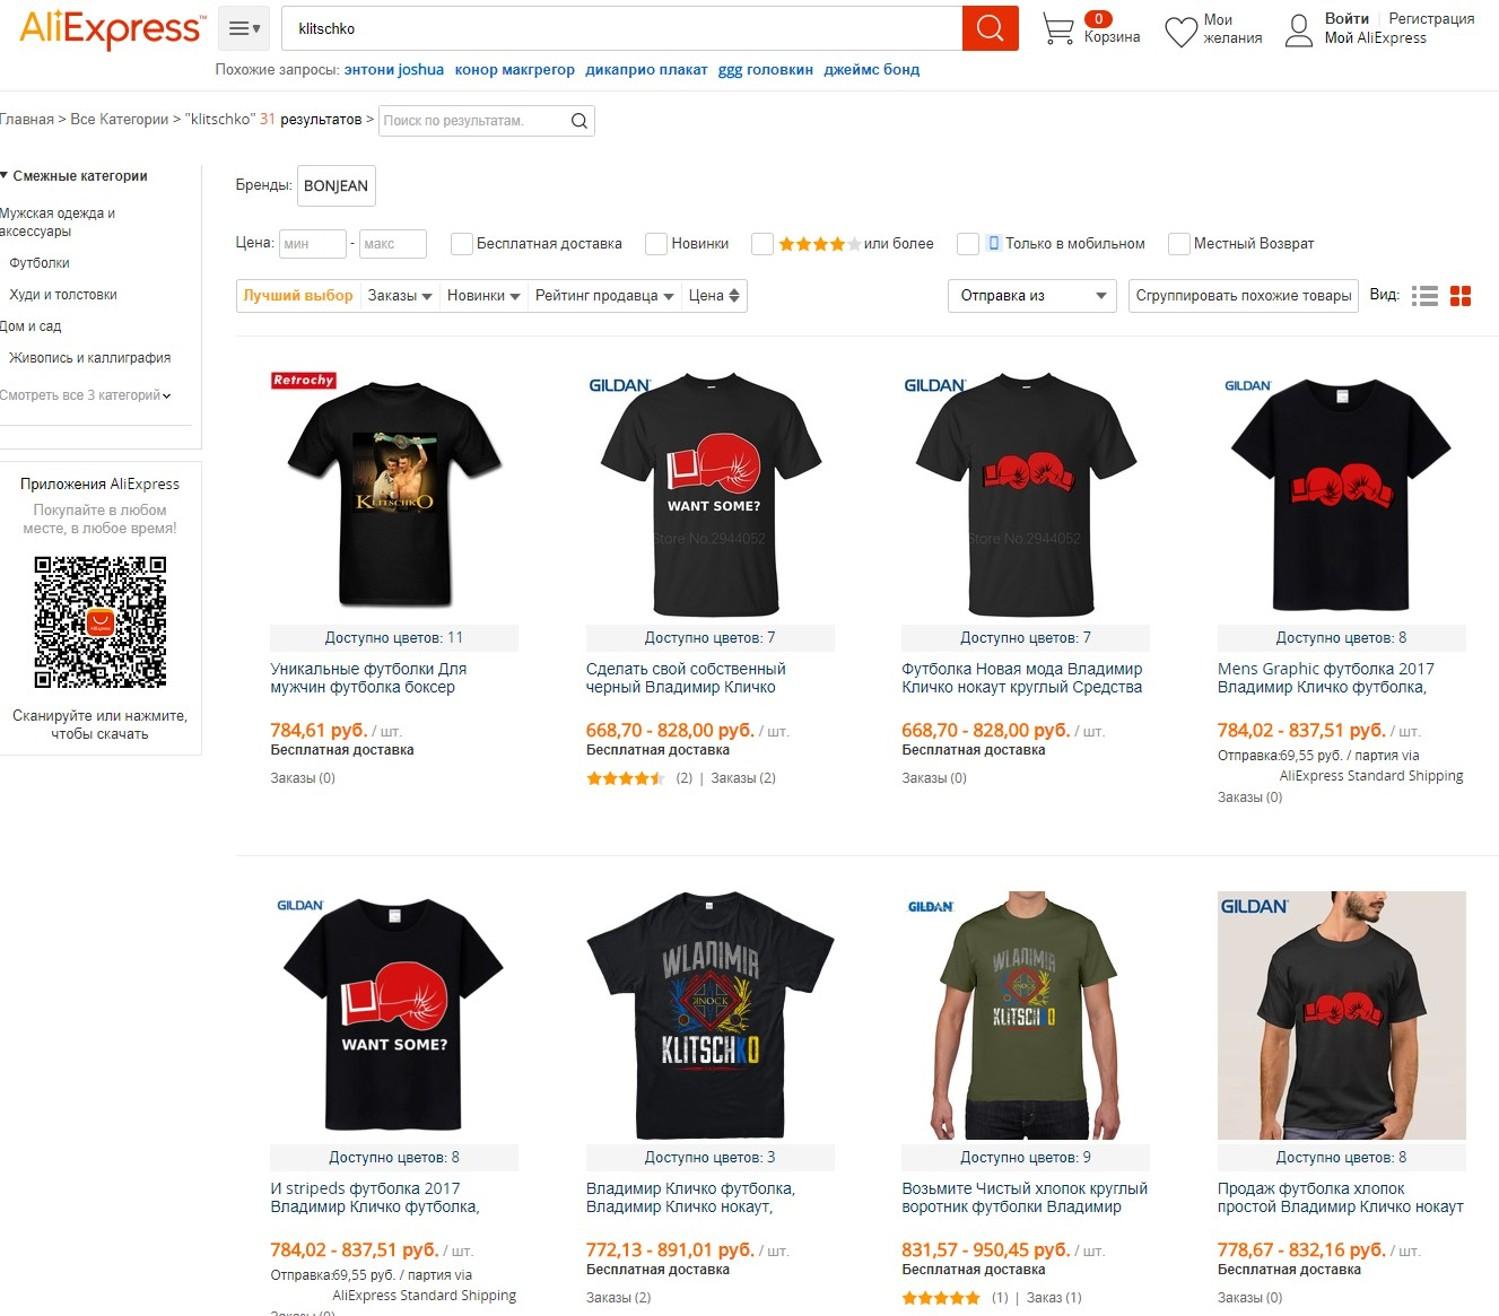 Скриншот aliexpress.com